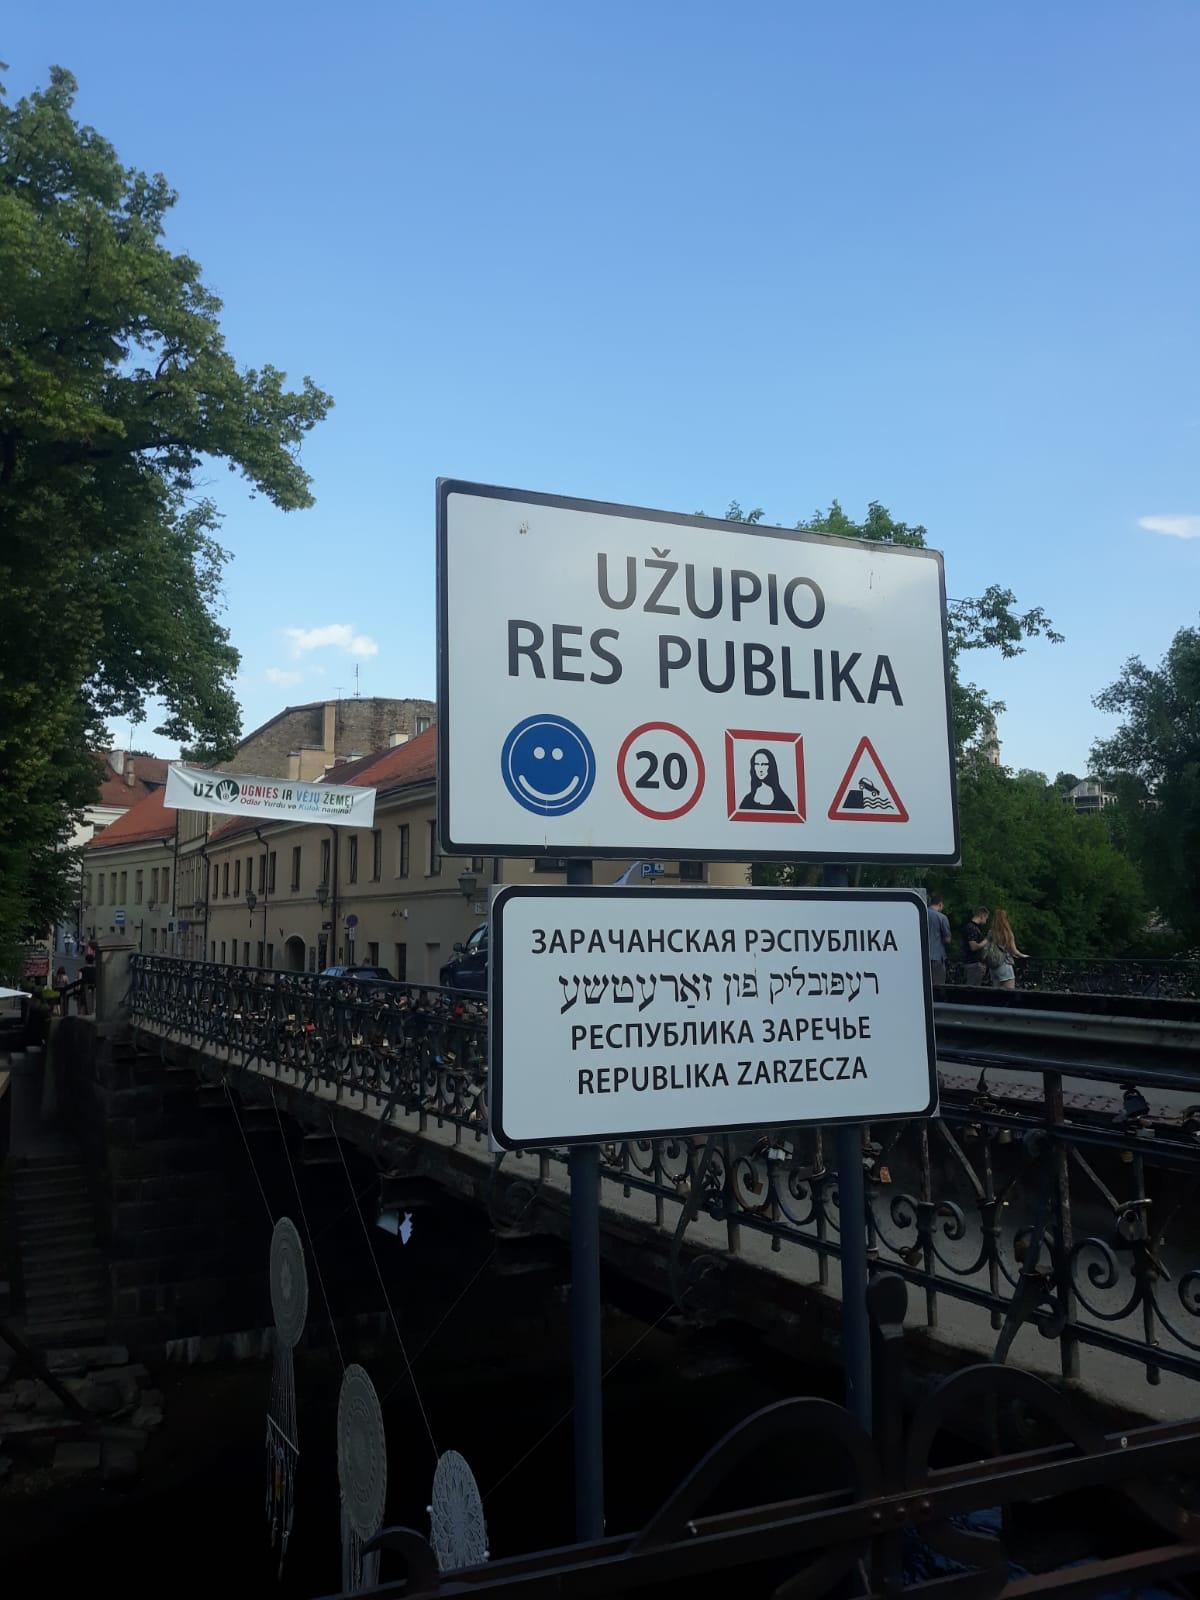 Užupis: al otro lado del río